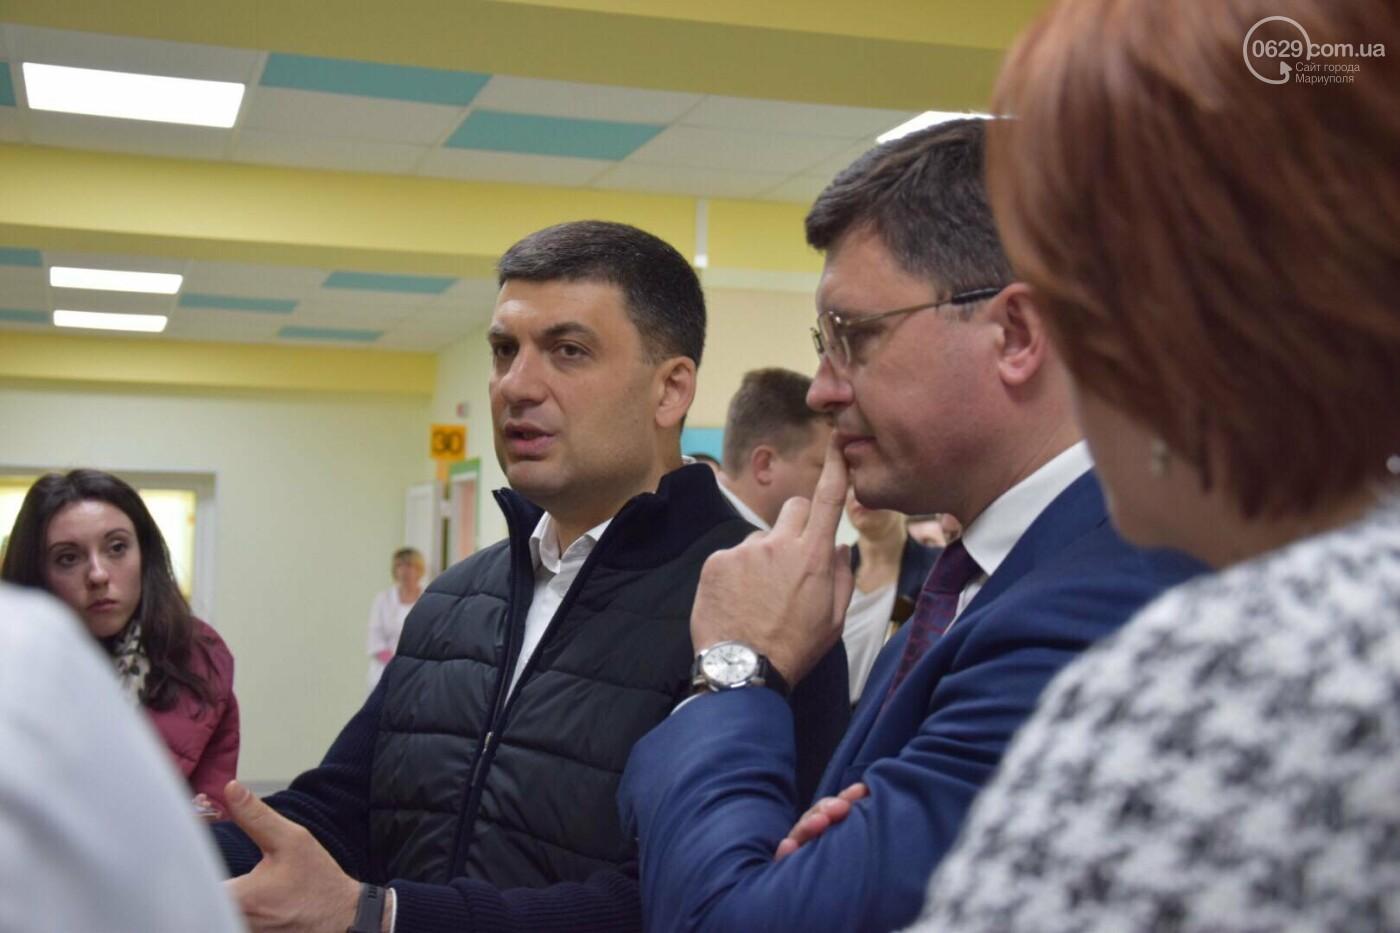 В Мариуполе Владимир Гройсман открыл детскую поликлинику и познакомился с Сережей, - ФОТОРЕПОРТАЖ, ВИДЕО, фото-35